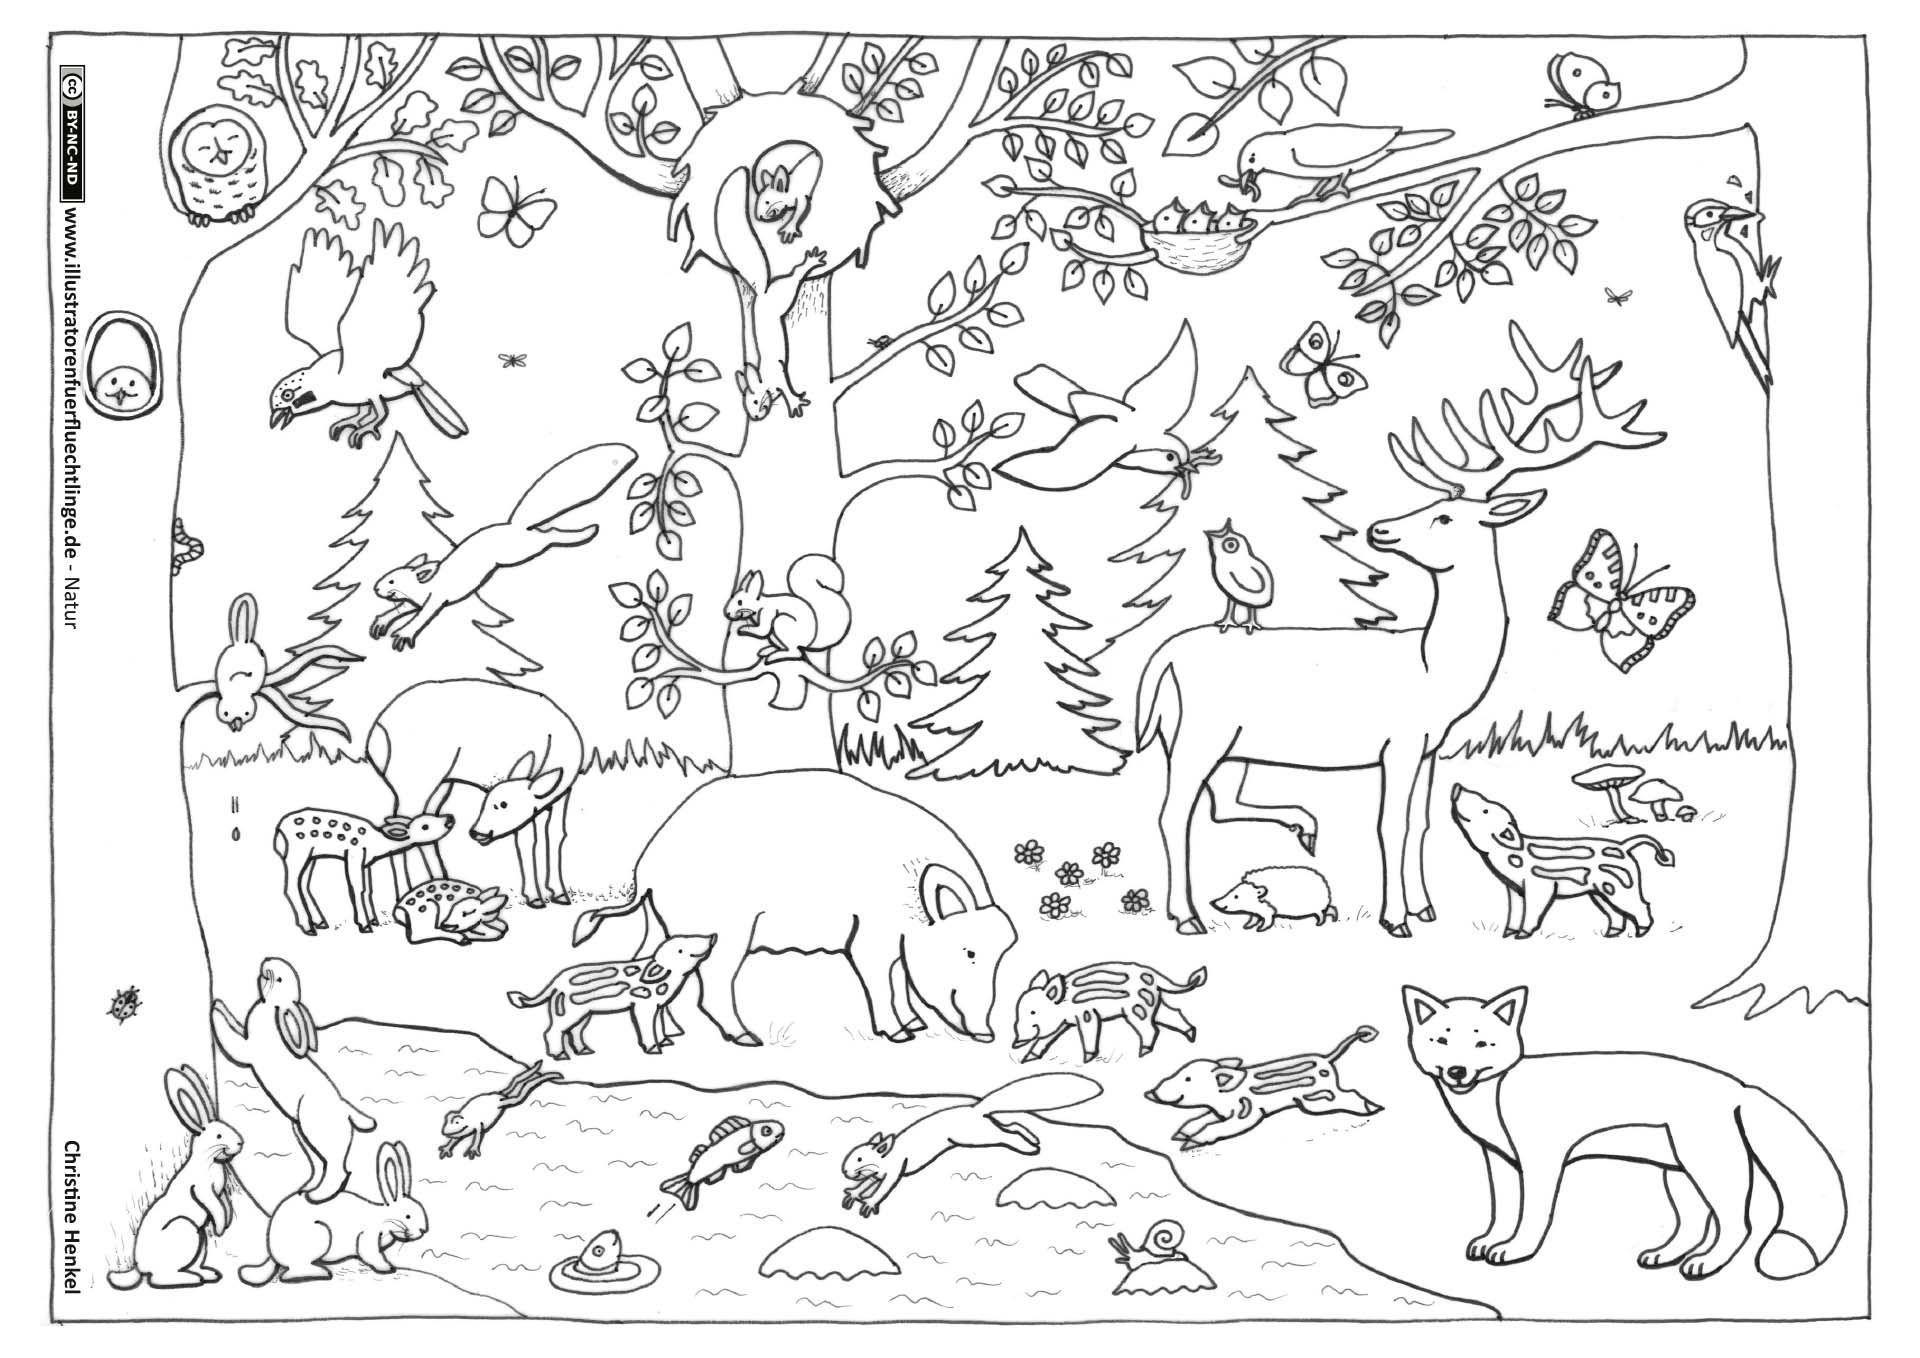 Natur Wald Herbst Tiere Malvorlage Kindergarten Natur Erkunden Im Idee Neu 20 Ausmalbilder Tiere Im Win Malvorlagen Tiere Tiere Des Waldes Ausmalbilder Tiere